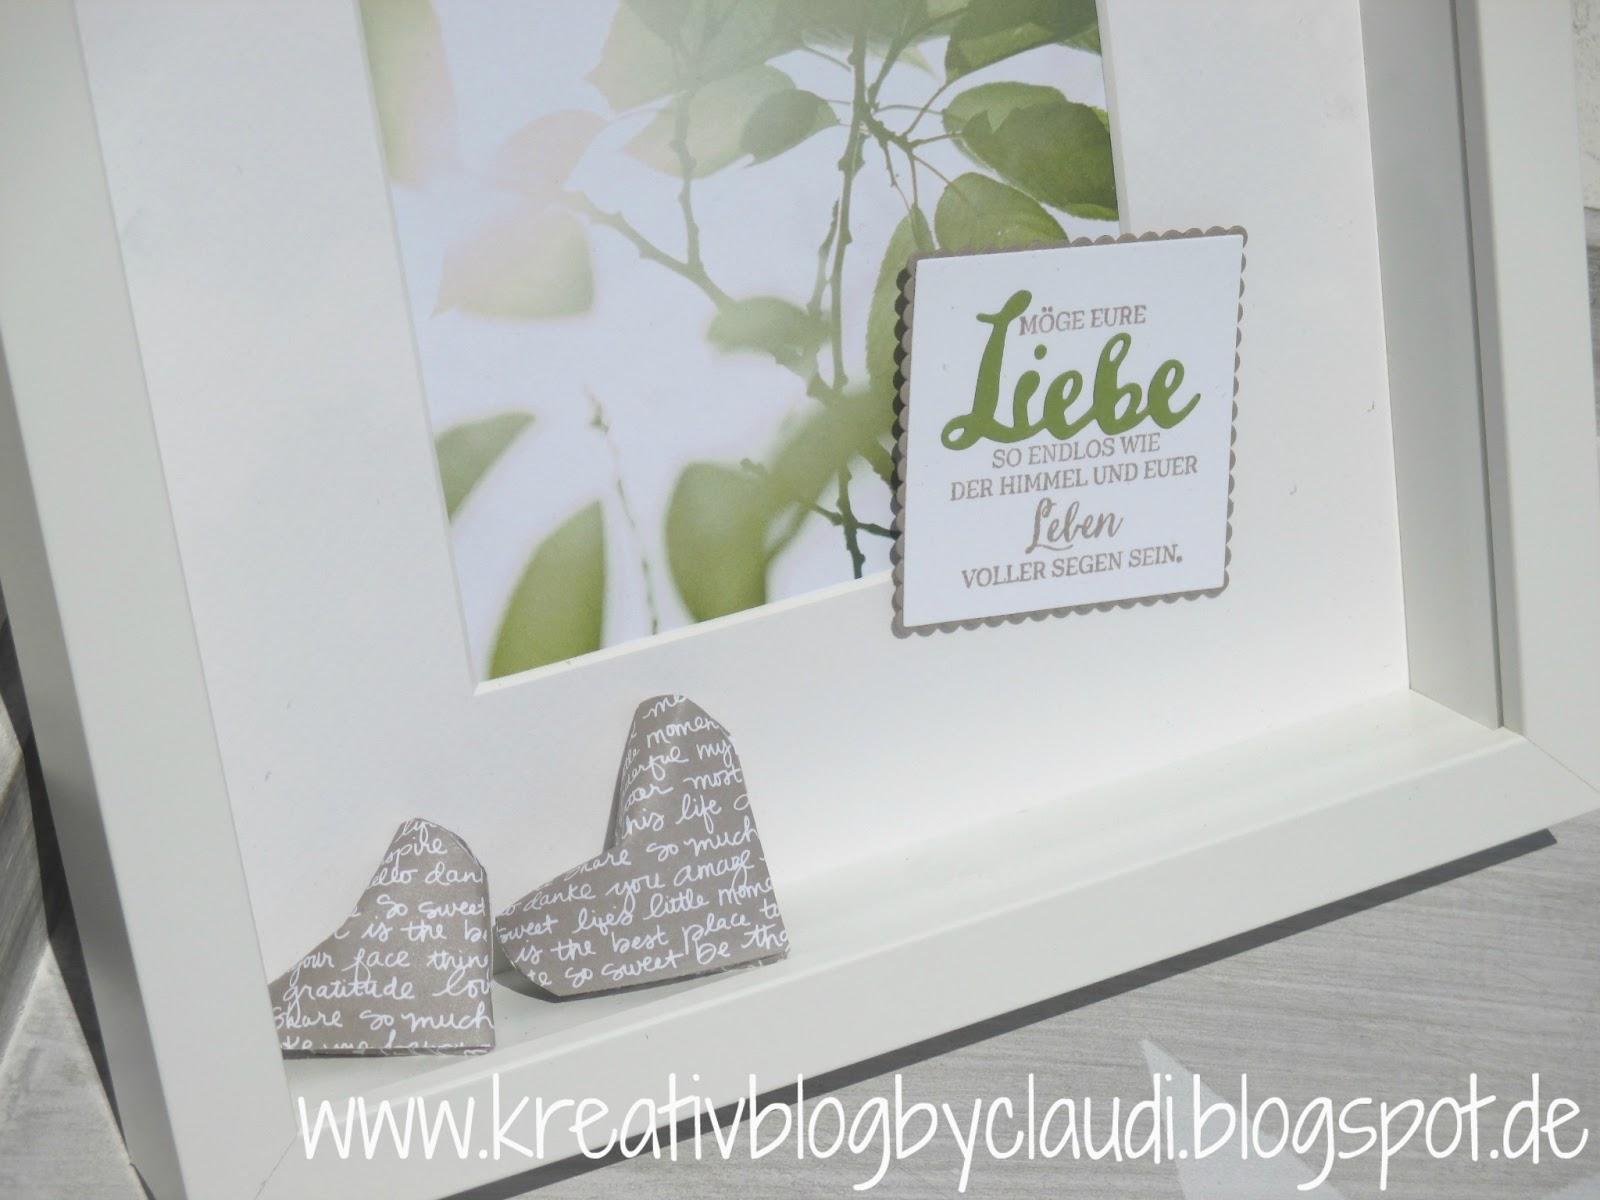 Kreativ Blog by Claudi: Bilderrahmen zur Hochzeit